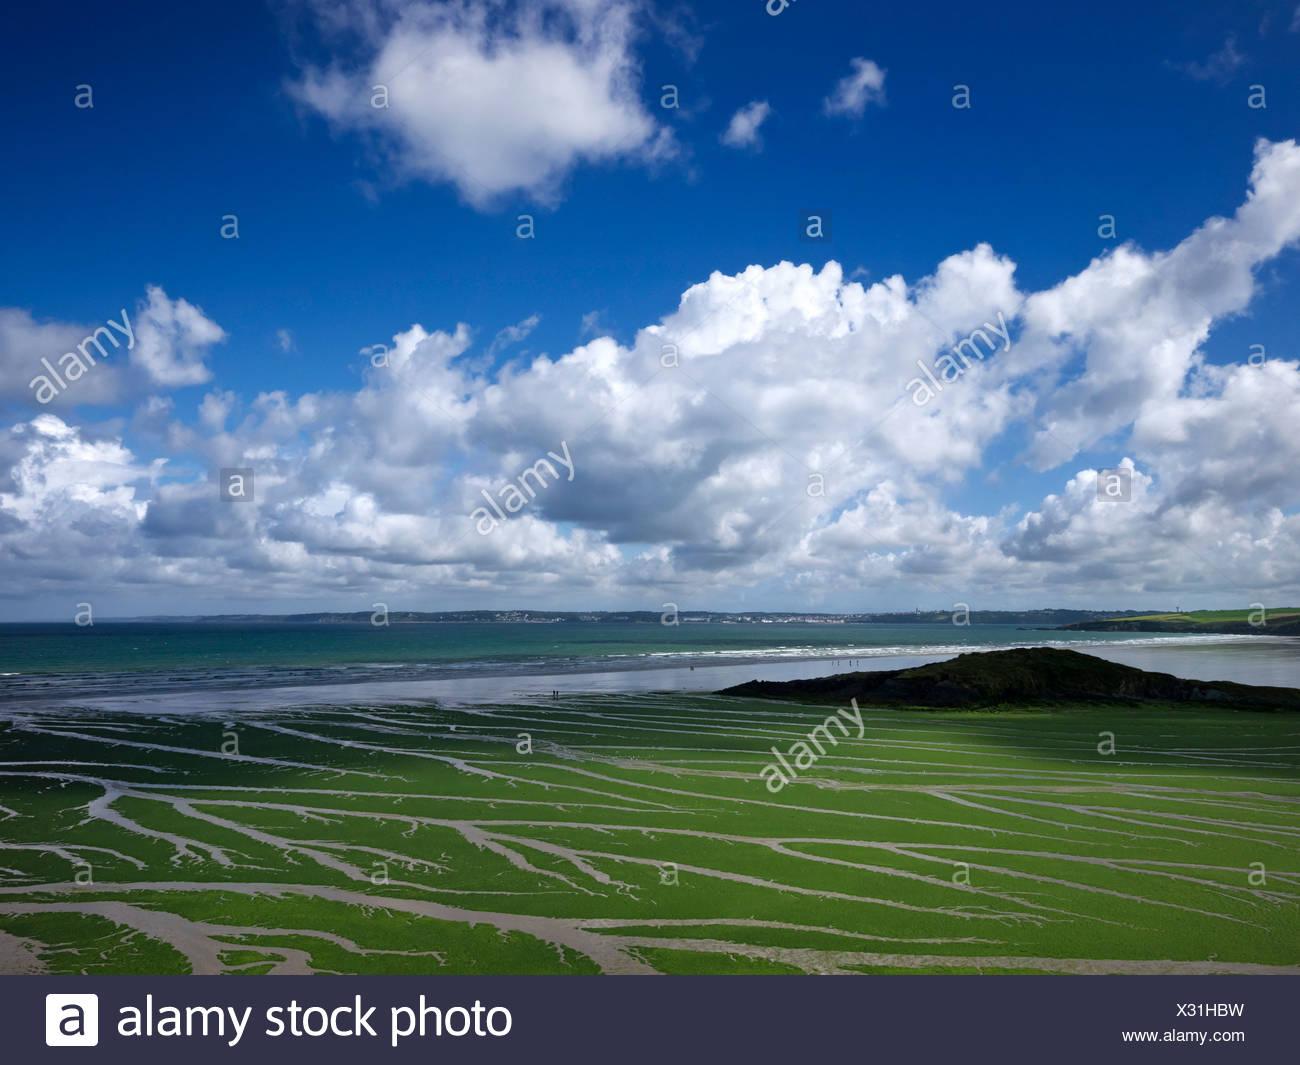 Meersalat (ulva armoricana), Algen in der Bucht von Douarnenez, Finistère, Bretagne, Frankreich, Europa, publicground Stockbild